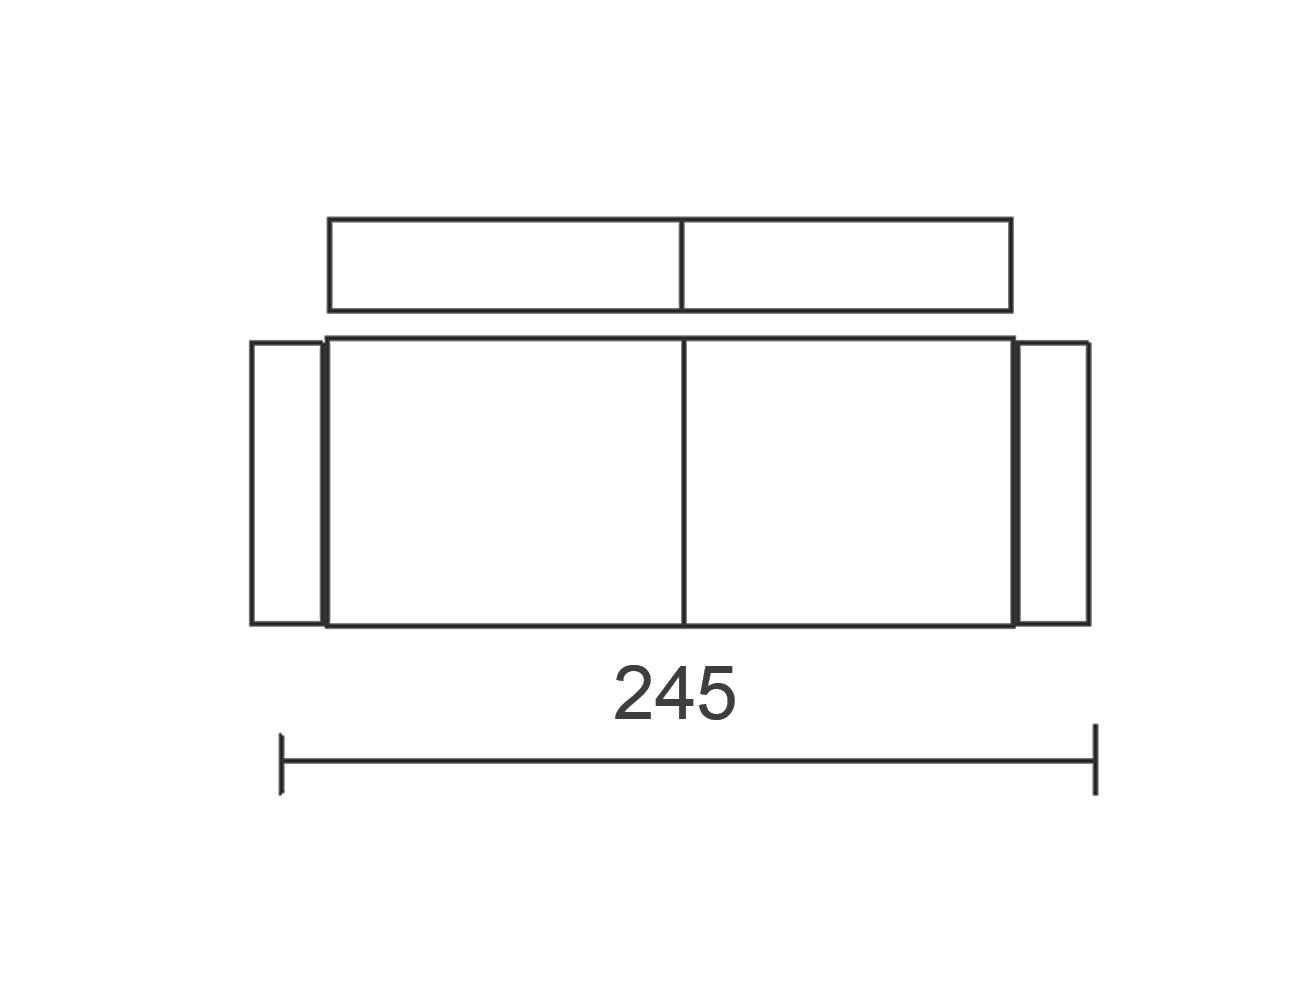 Modulo 2452